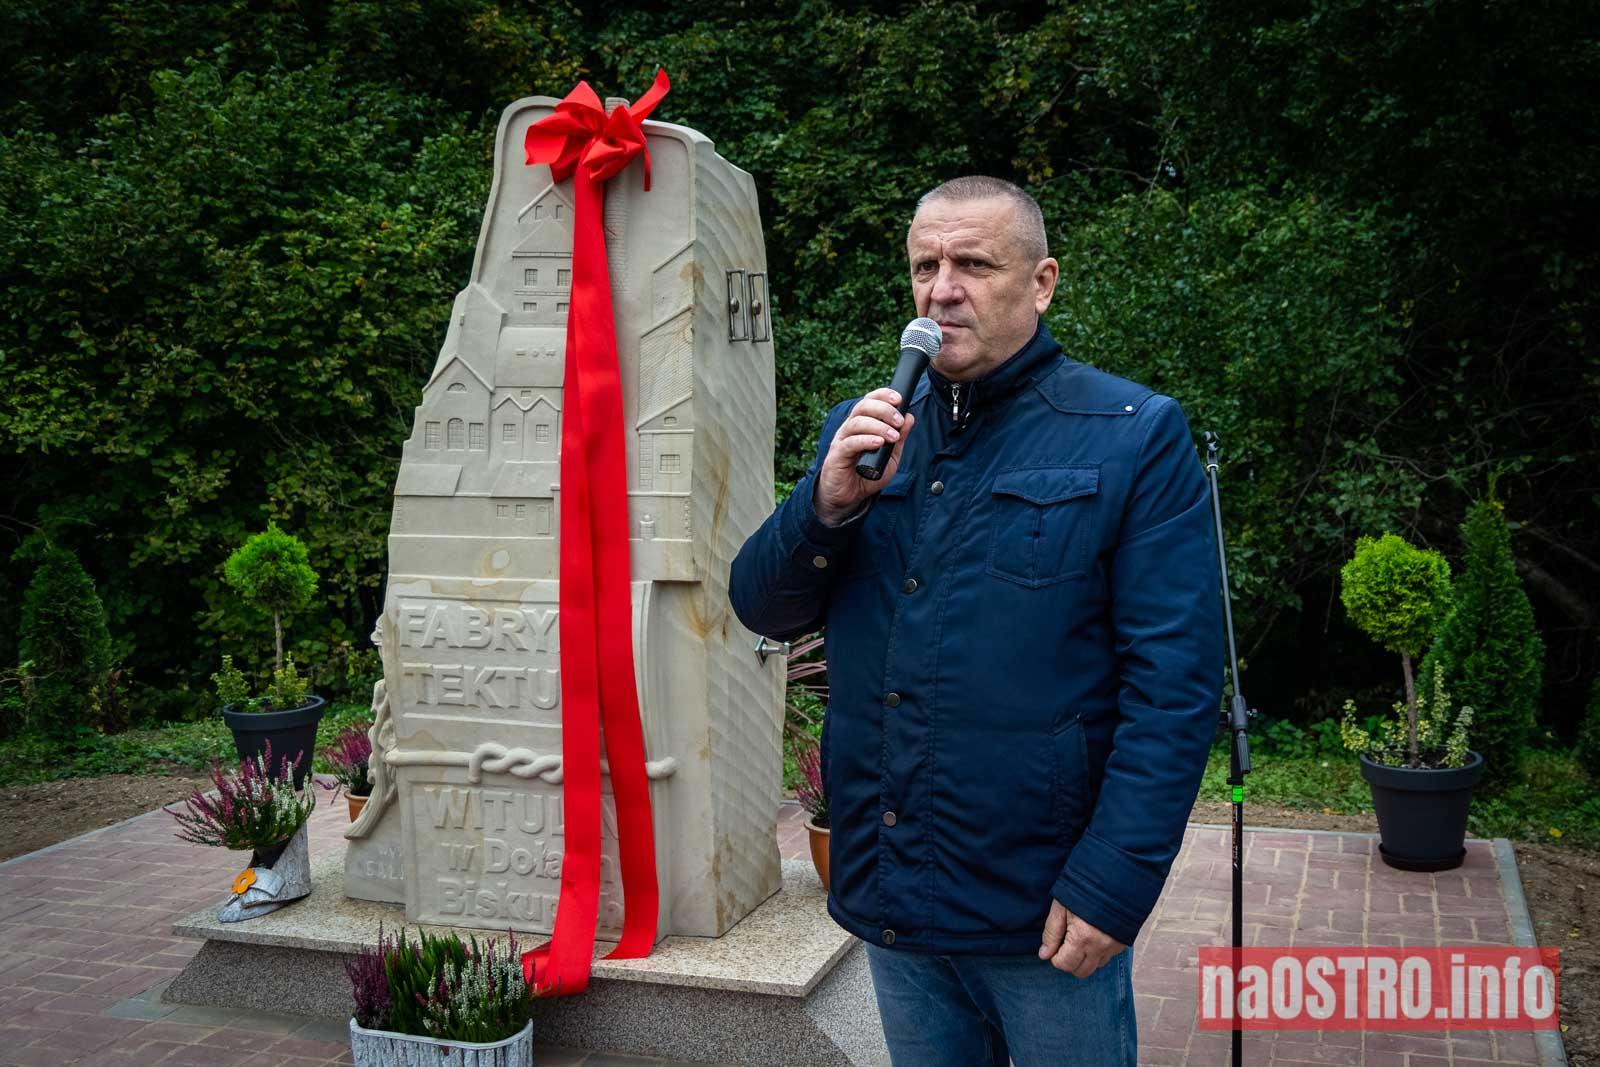 NaOSTROinfo Fabryka Tektury Witulin rzeźba odsłonięcie-18